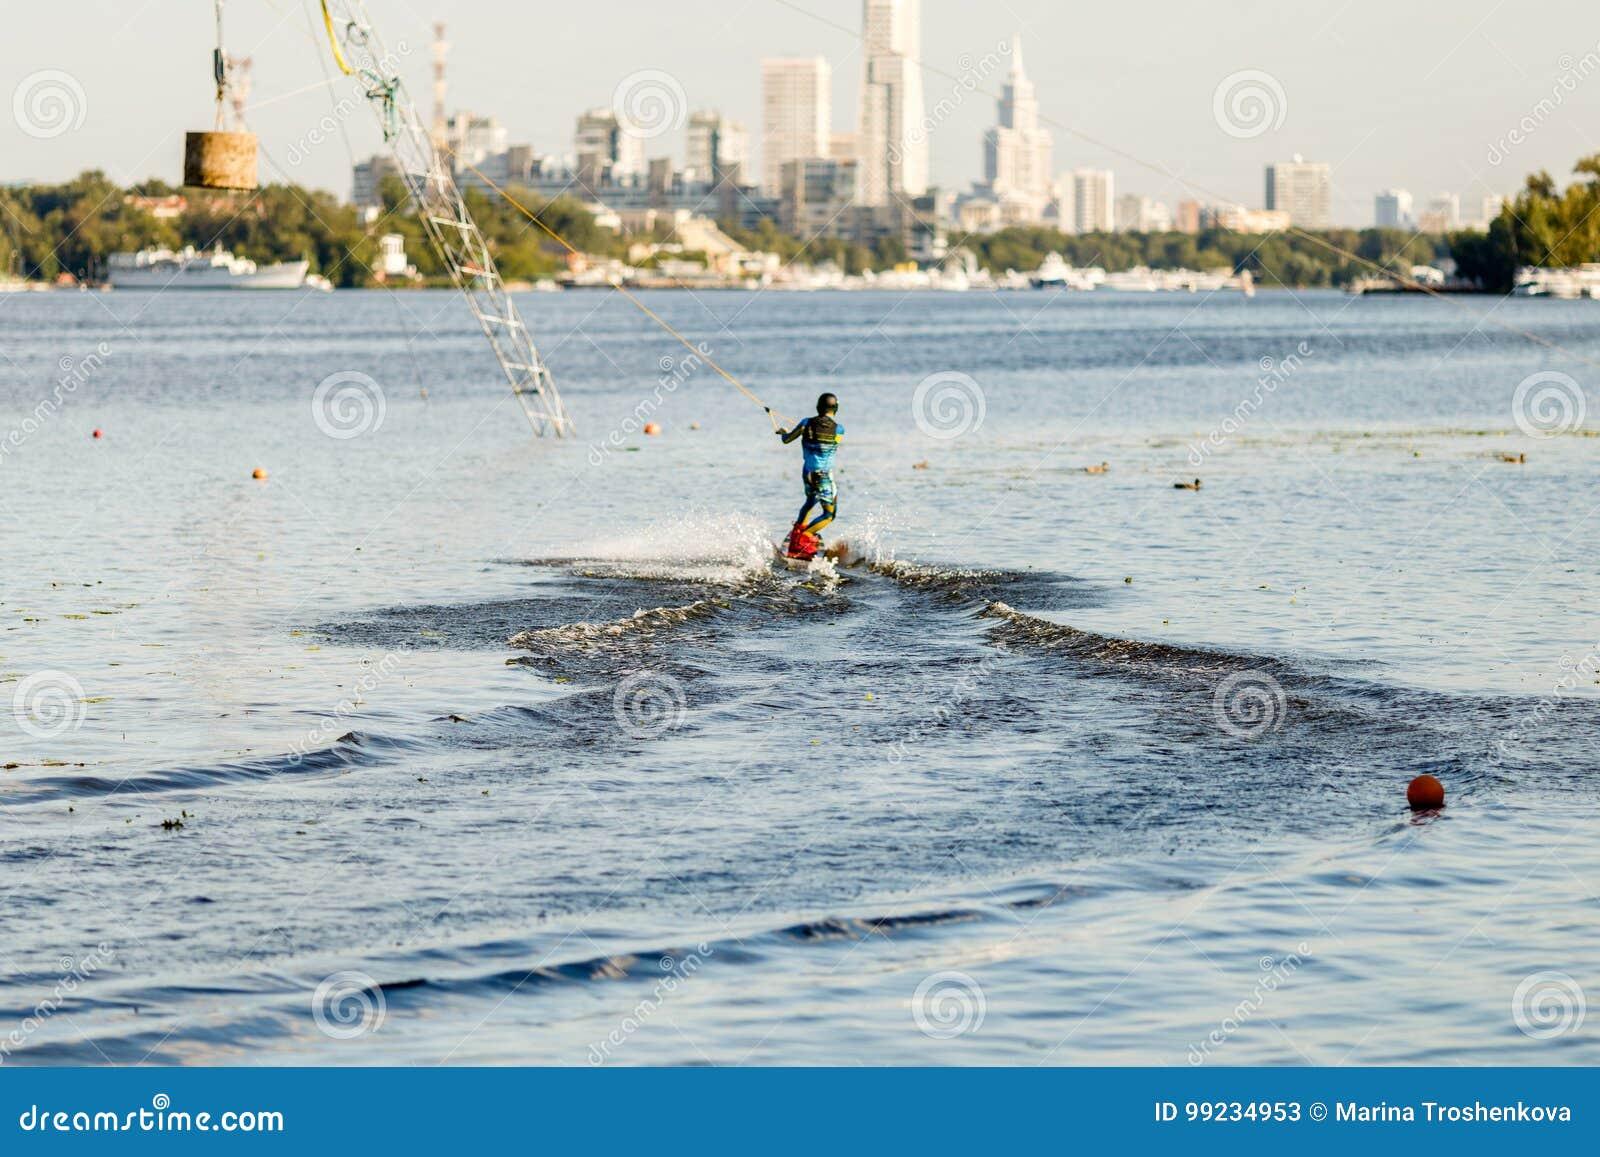 Insieme di giro del Wakeboarder nel parco di risveglio